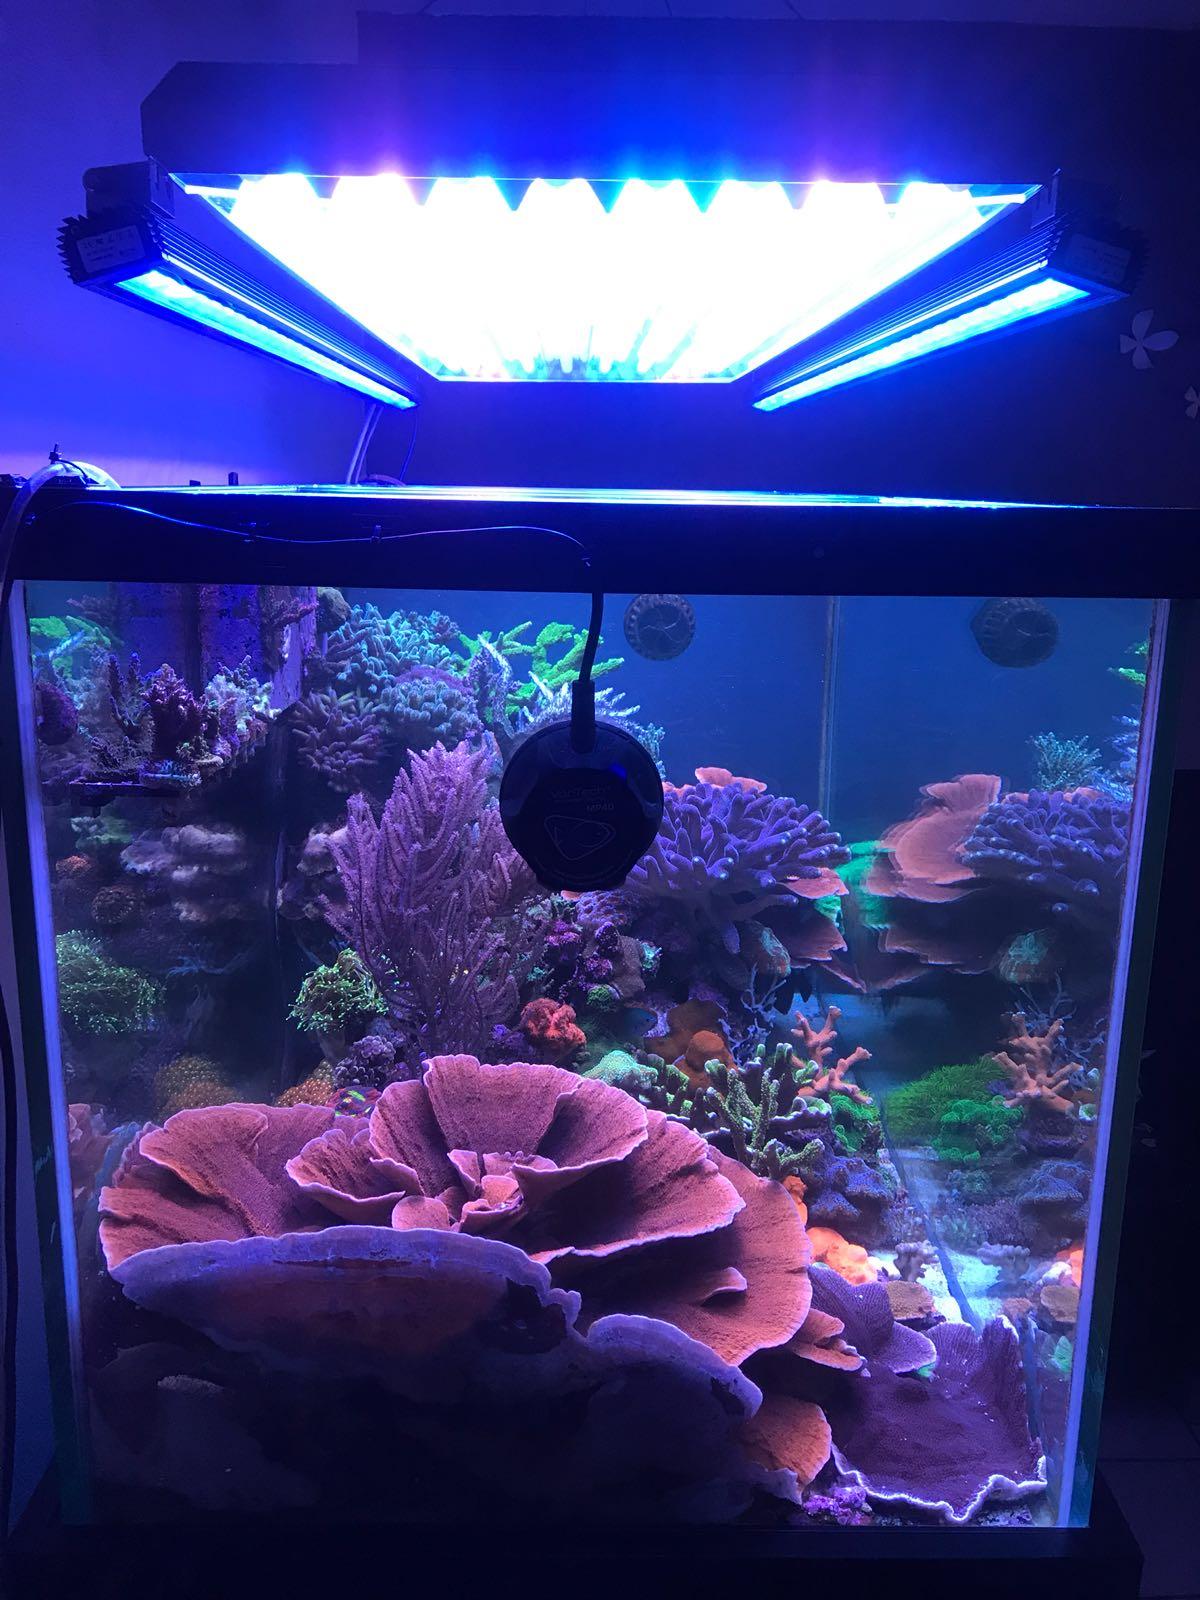 orphek reef oder 120 blauer himmel bar led beleuchtung mit ati t5 aquarium led beleuchtung. Black Bedroom Furniture Sets. Home Design Ideas